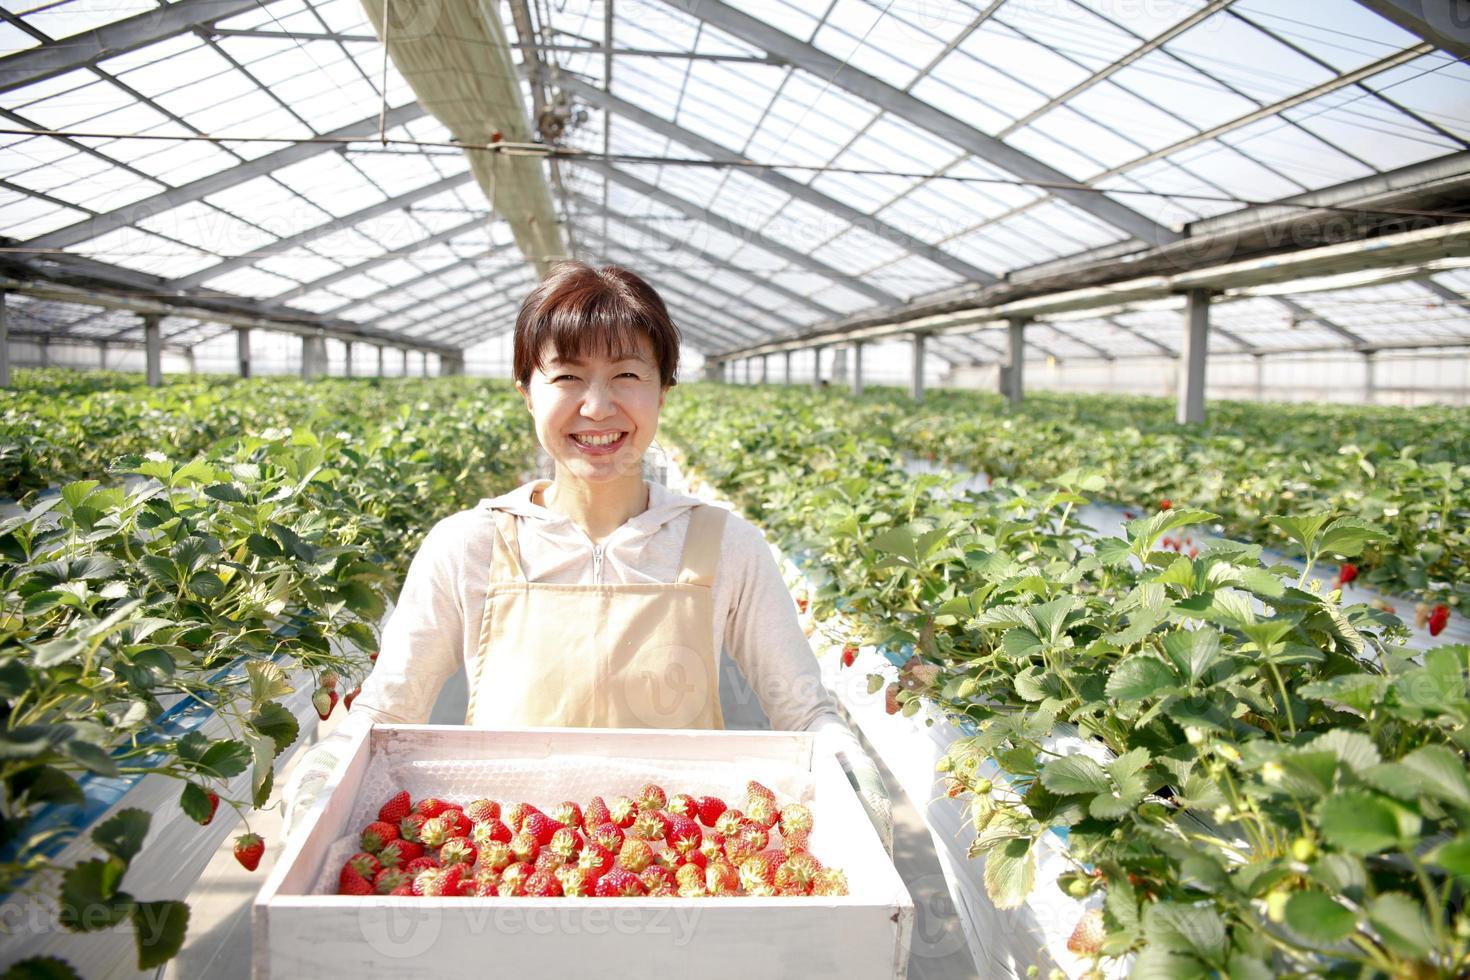 producteurs de fraises photo